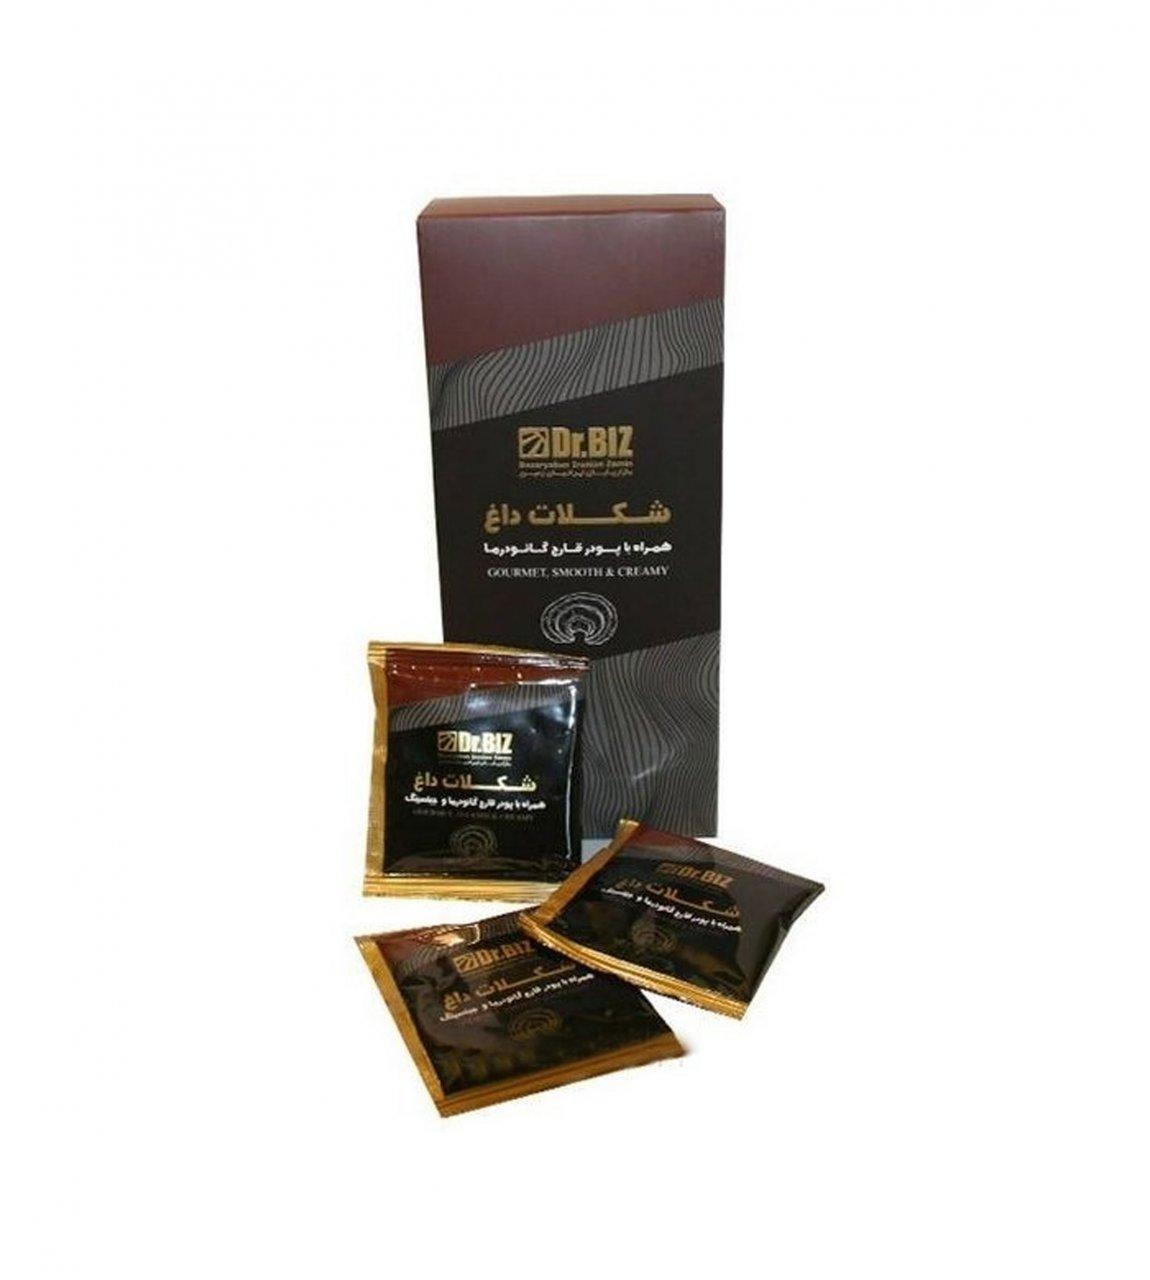 هات چاکلت گانودرما شکلات داغ دکتربیز 20 عددی ارسال رایگان